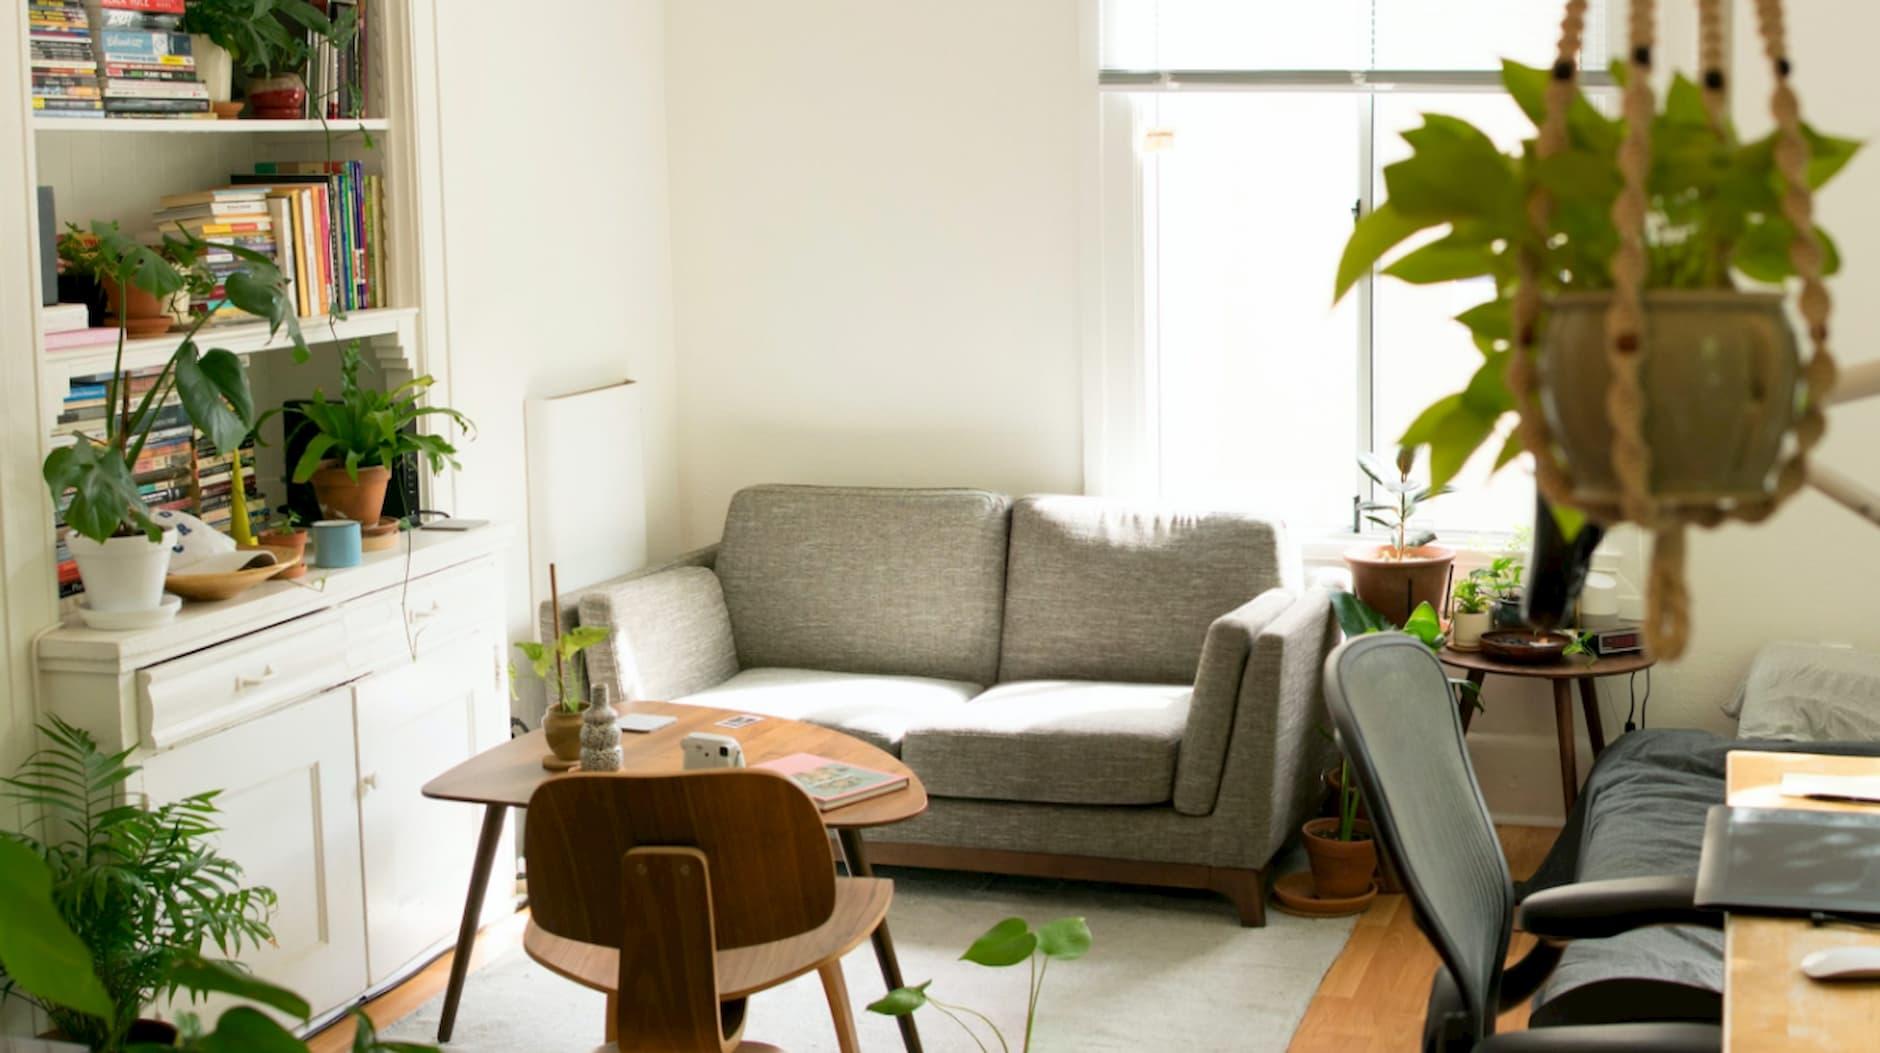 vybavenie_bytu_obývačka_sivý_gauč_komoda_knihy_bledy_koberec_dreveny_stolcek_stolička